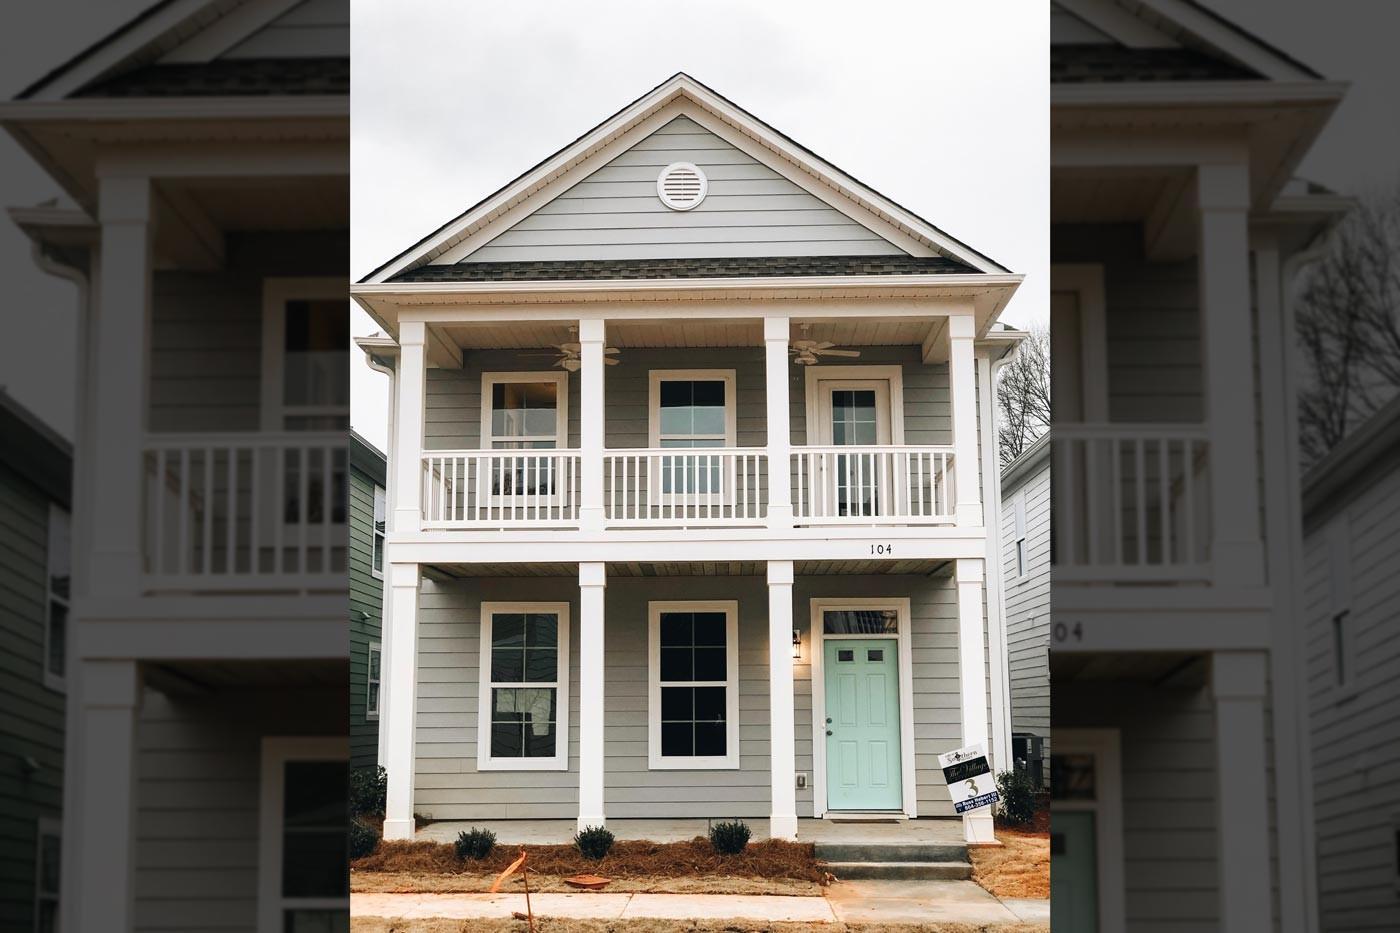 104-Fuller-Estate-Drive.jpg